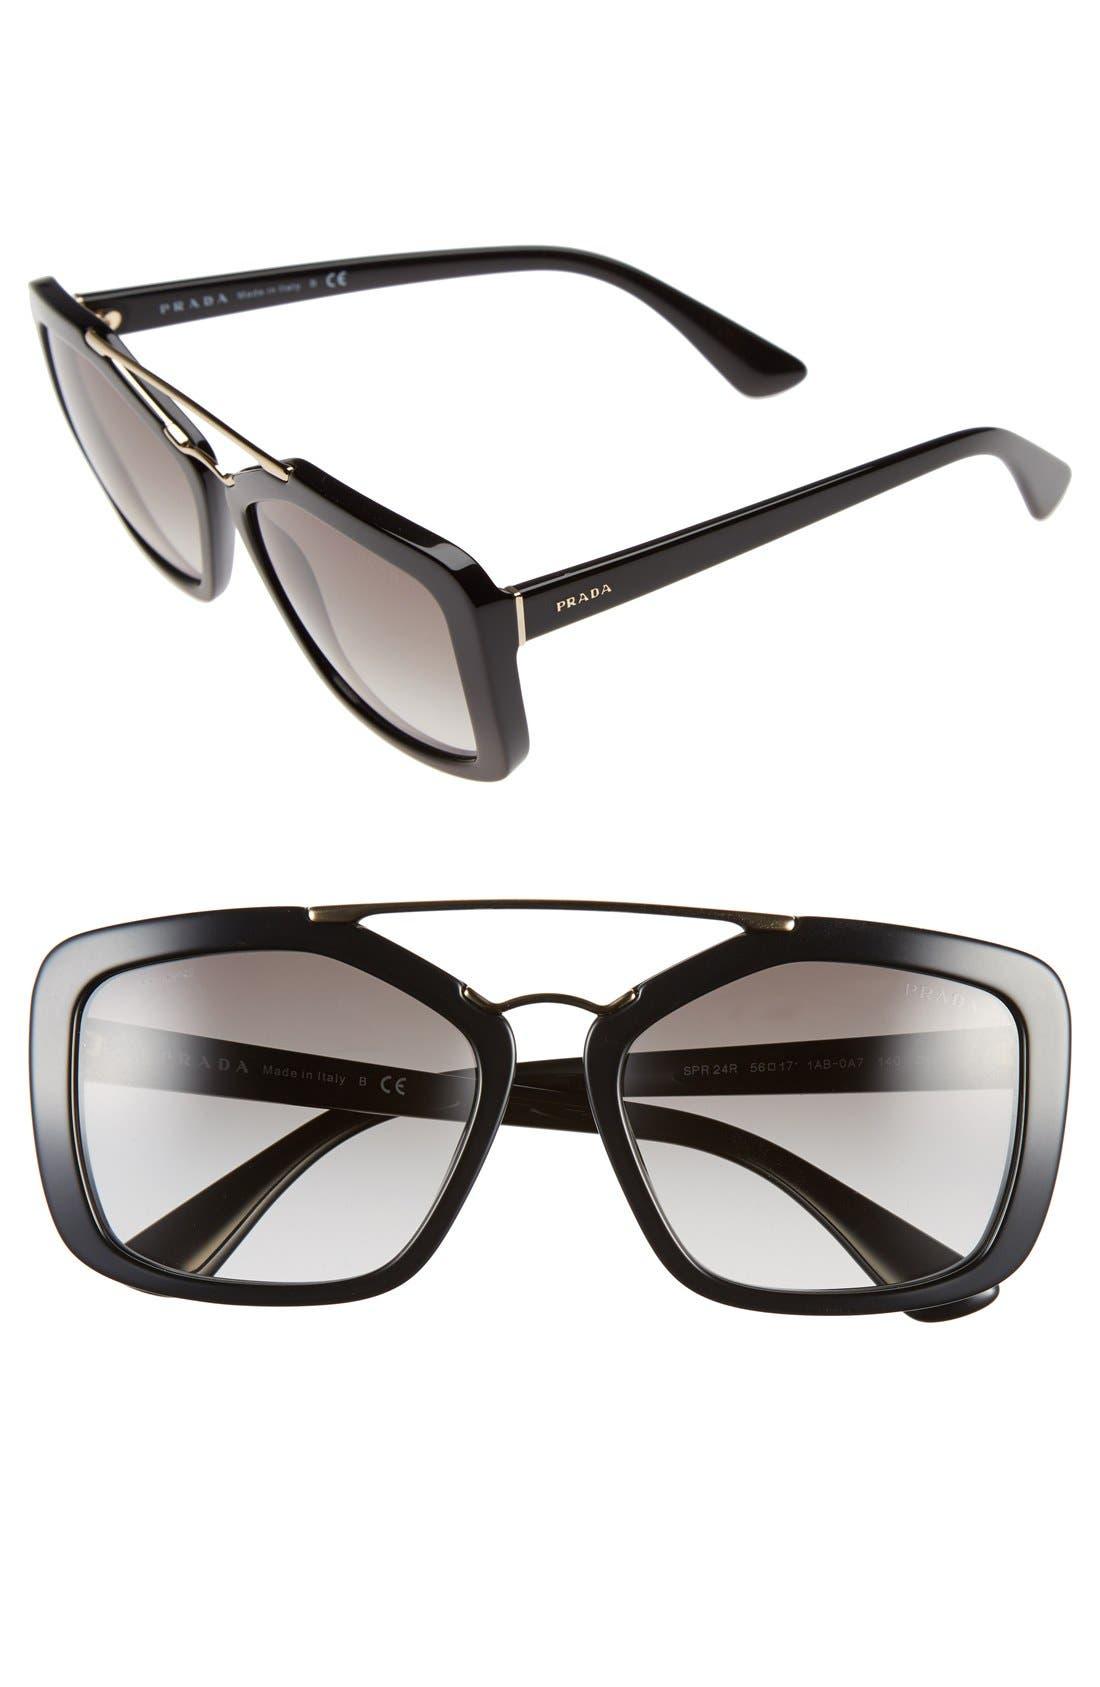 Main Image - Prada 56mm Angular Sunglasses